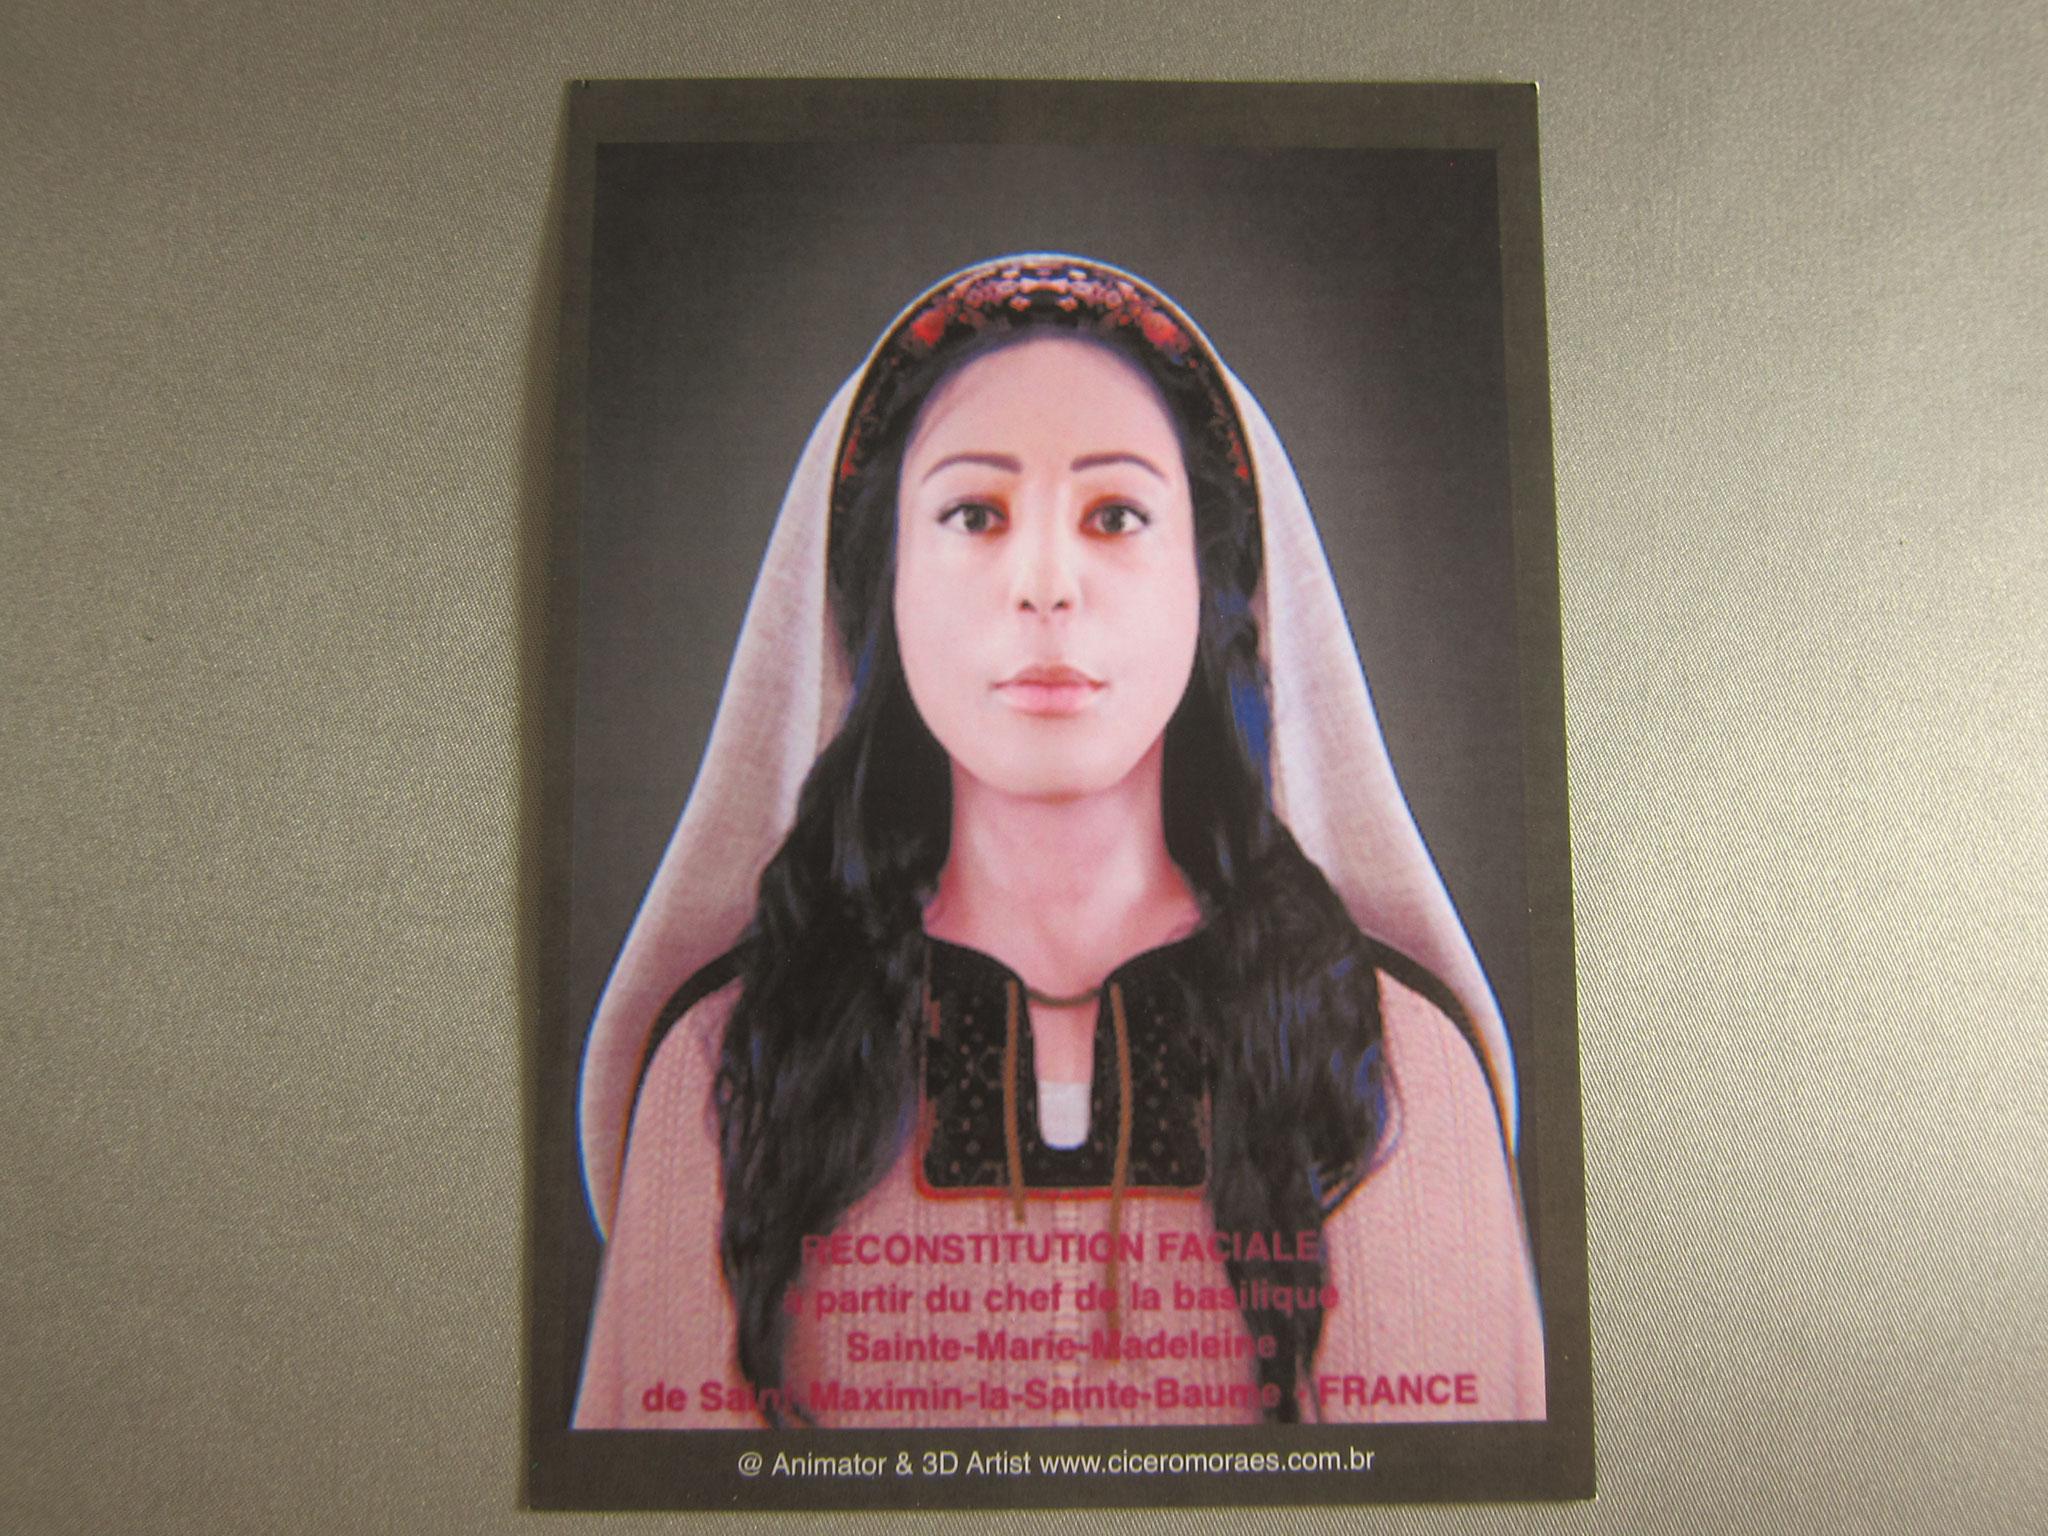 こちらが頭骨から復元されたマグダラのマリアのお顔です とても美人です